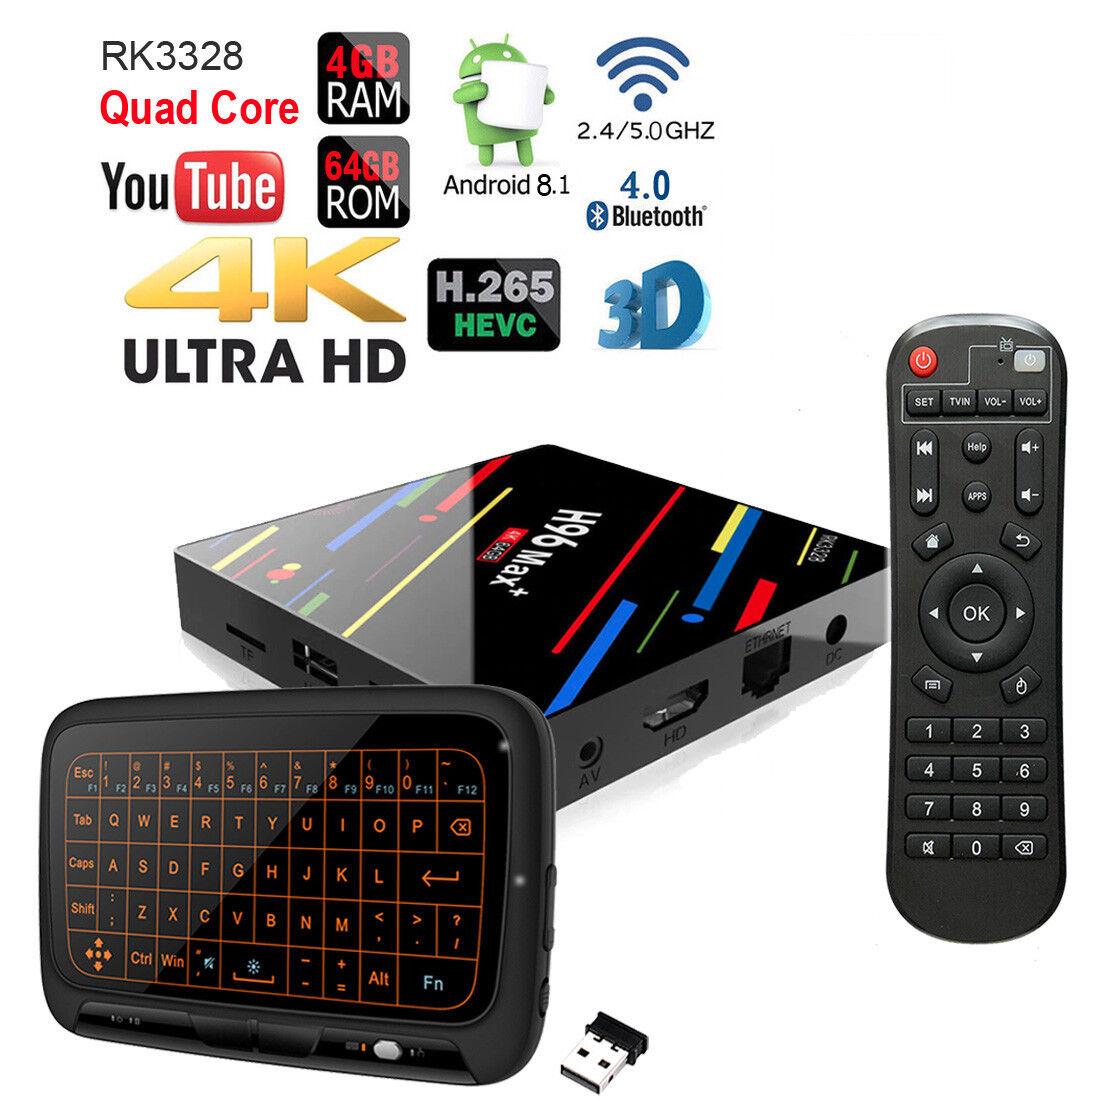 Quad Core H96 Max+ Plus 4GB 64GB Android 8.1 4K Dual Wi-Fi 5G Blautooth Tv Box